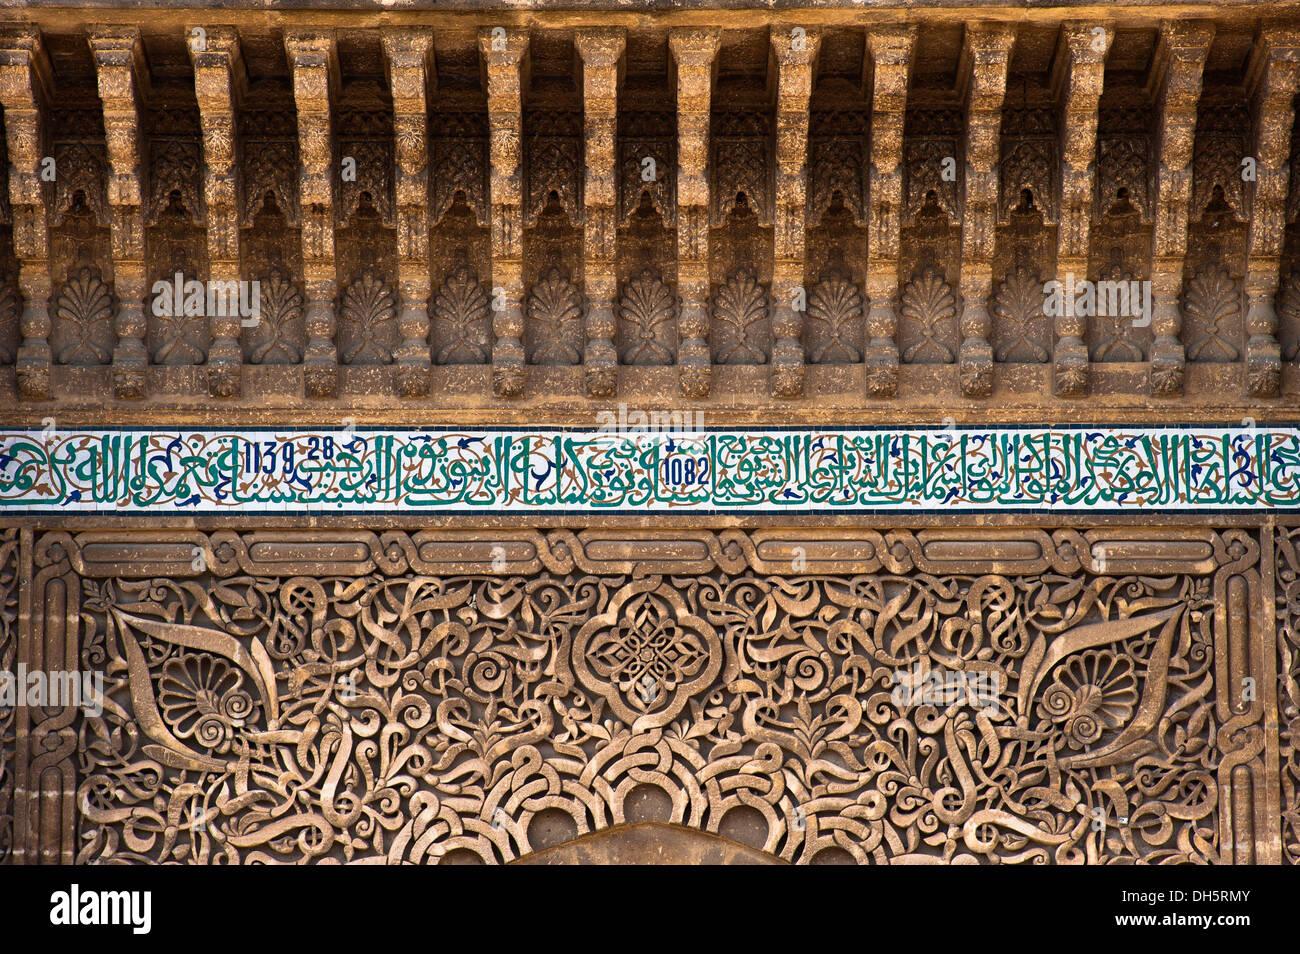 Decorazioni in stucco e mosaici di piastrelle con versetti